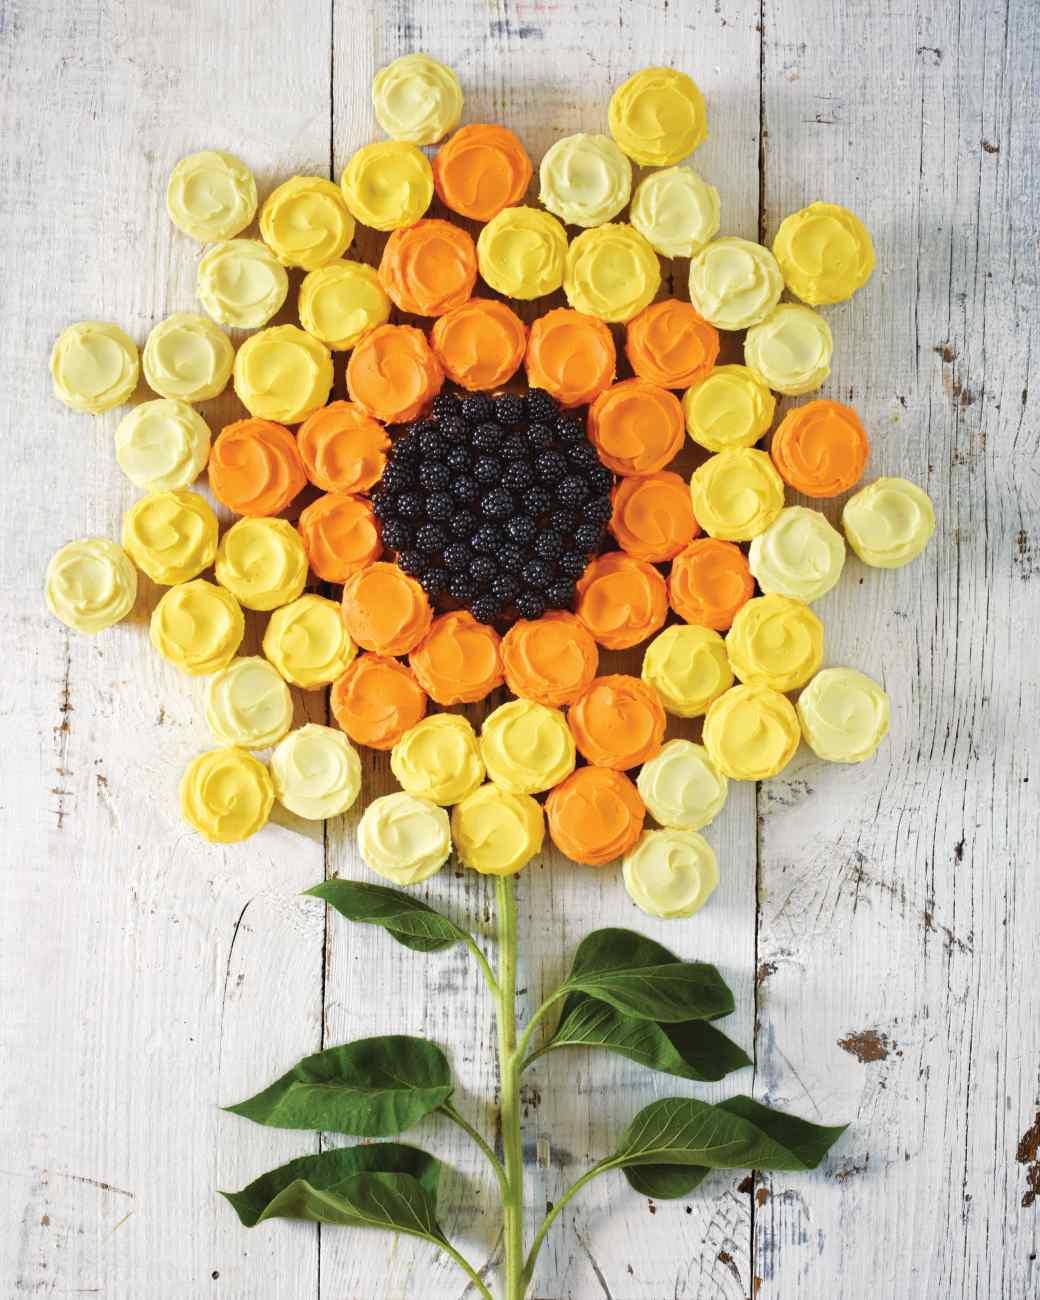 mld106444_0311_02_sunflower_cup_vert